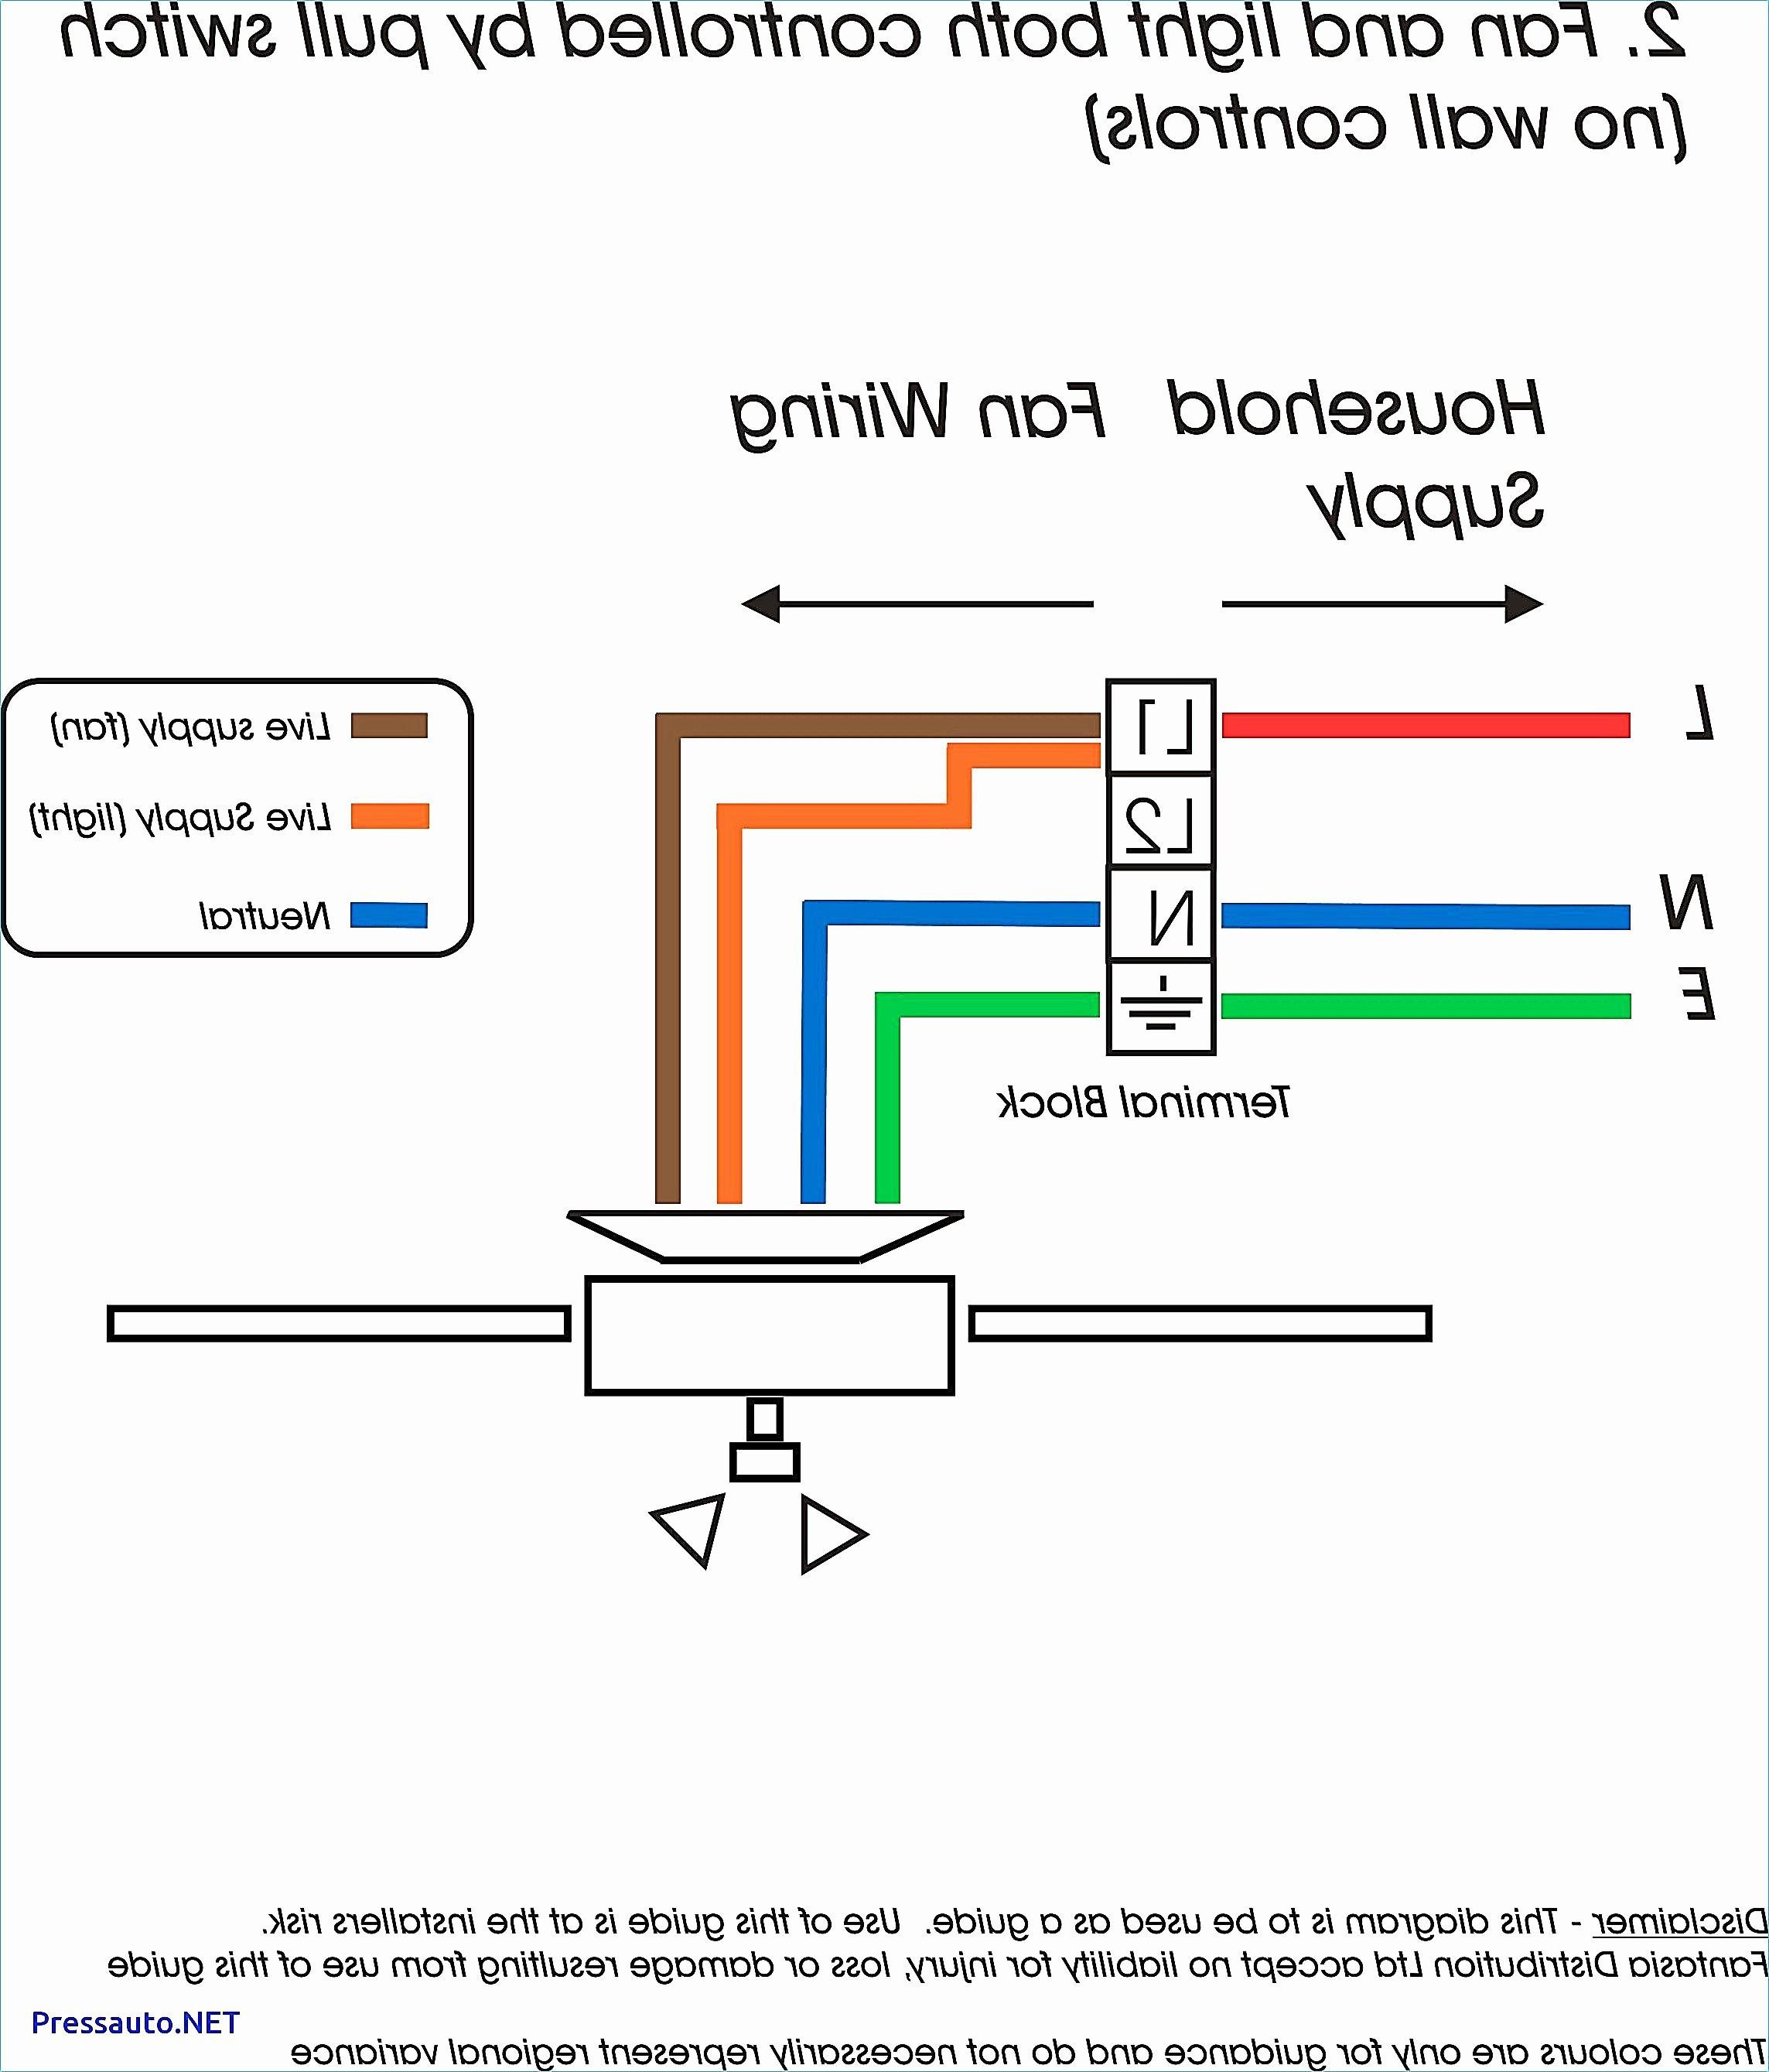 Trailer Brakes Wiring Diagram 2018 Wiring Diagram For Trailer Plug With Brakes Fresh Wiring Diagram For